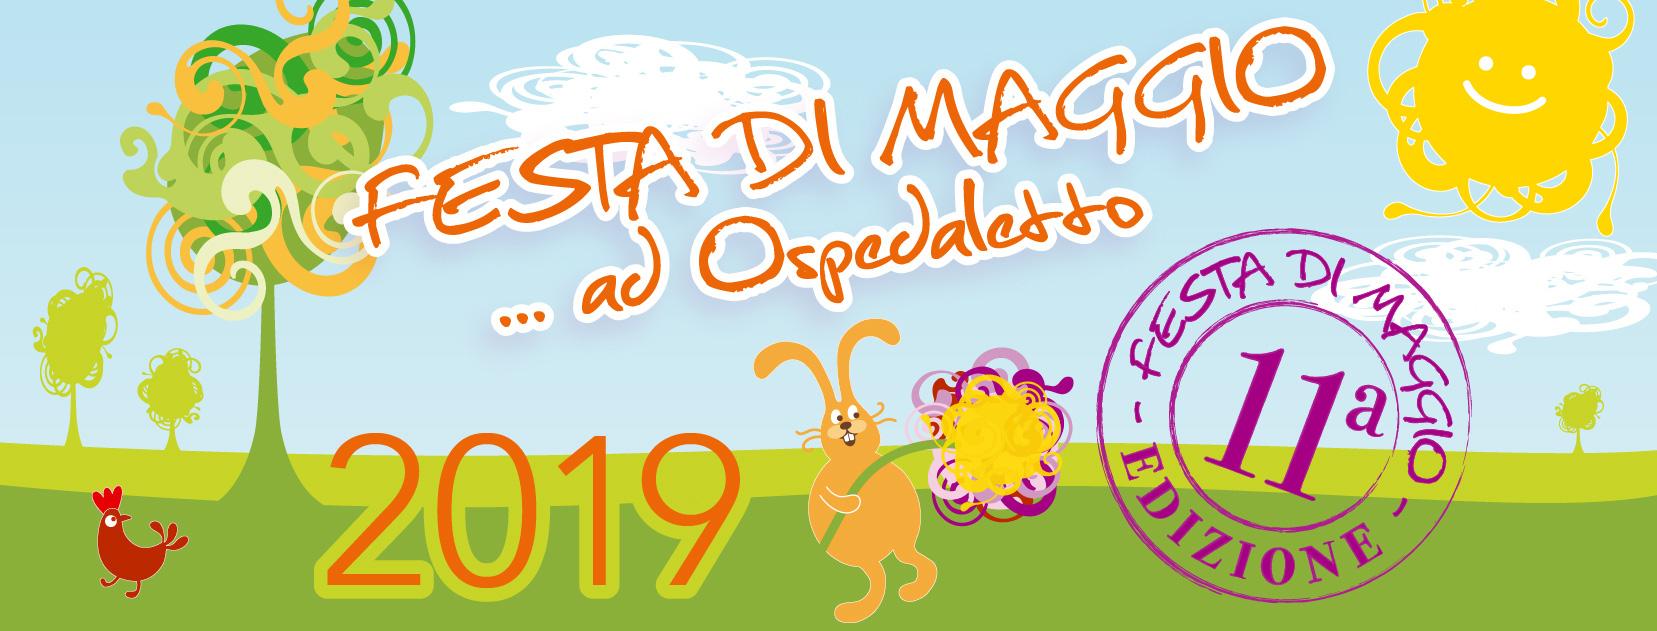 Festa di Maggio... Ad Ospedaletto 11^ ed. - NOI Ospedaletto